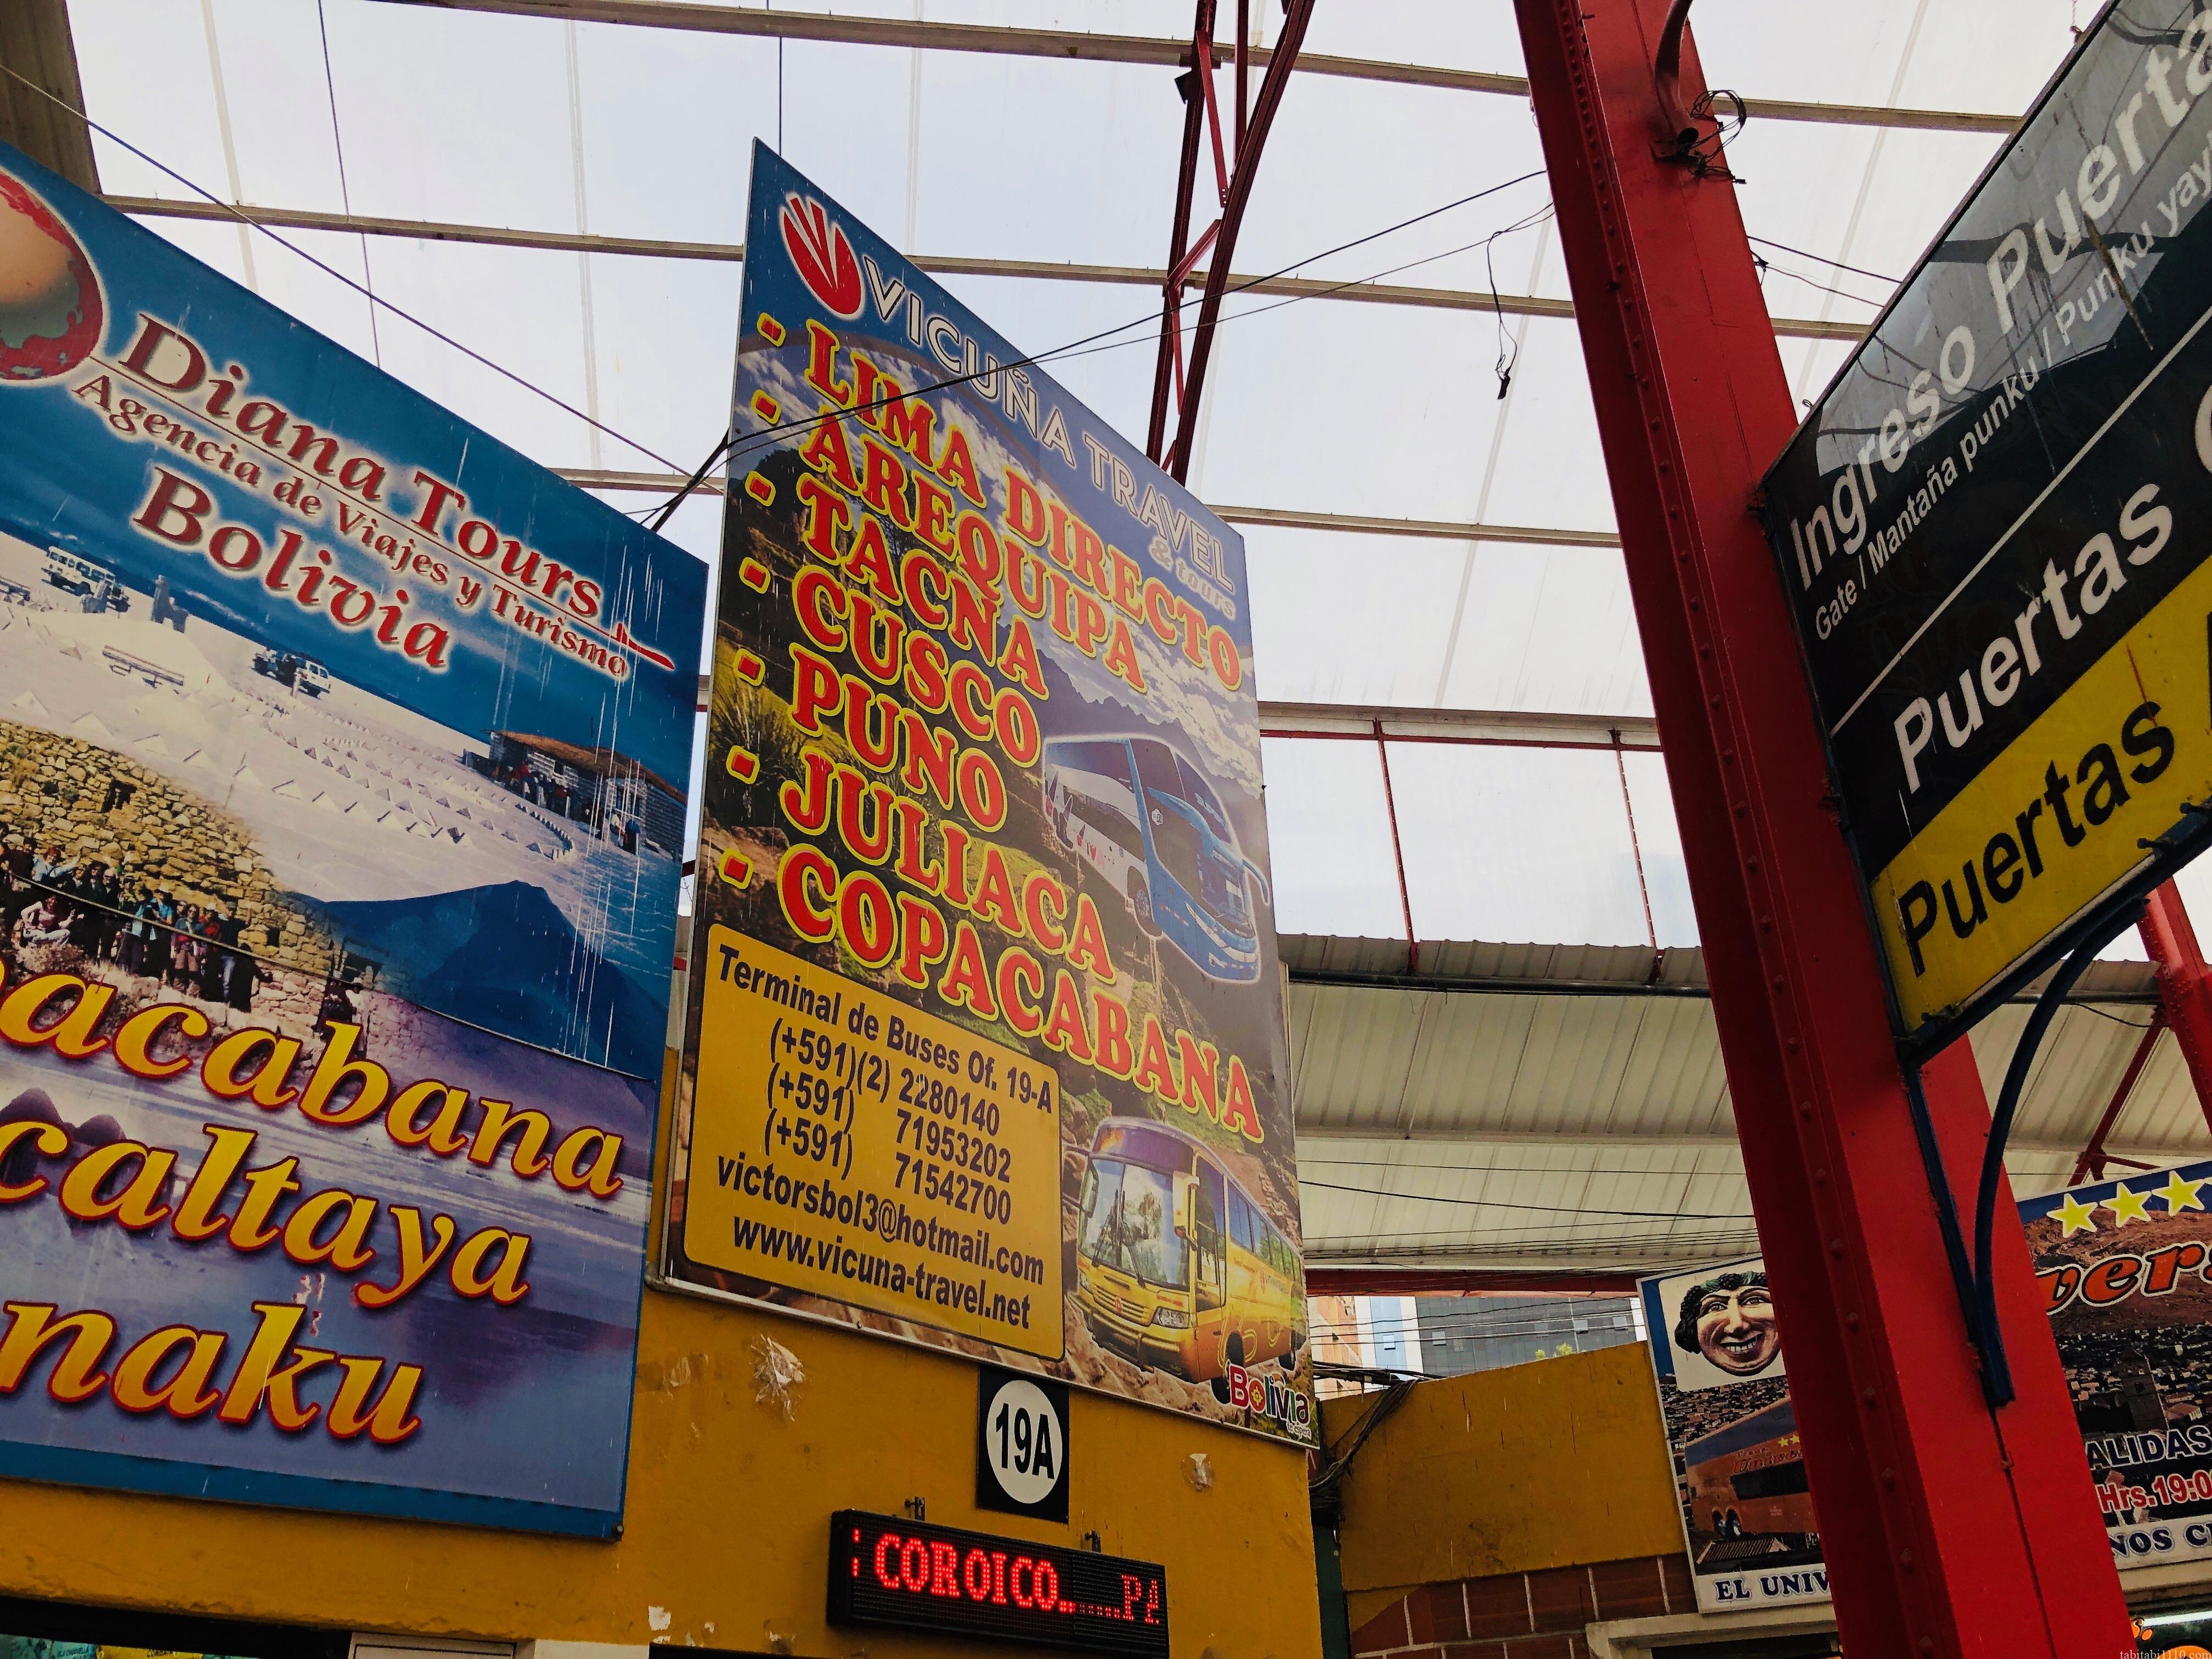 ラパス クスコ バス チケット購入場所